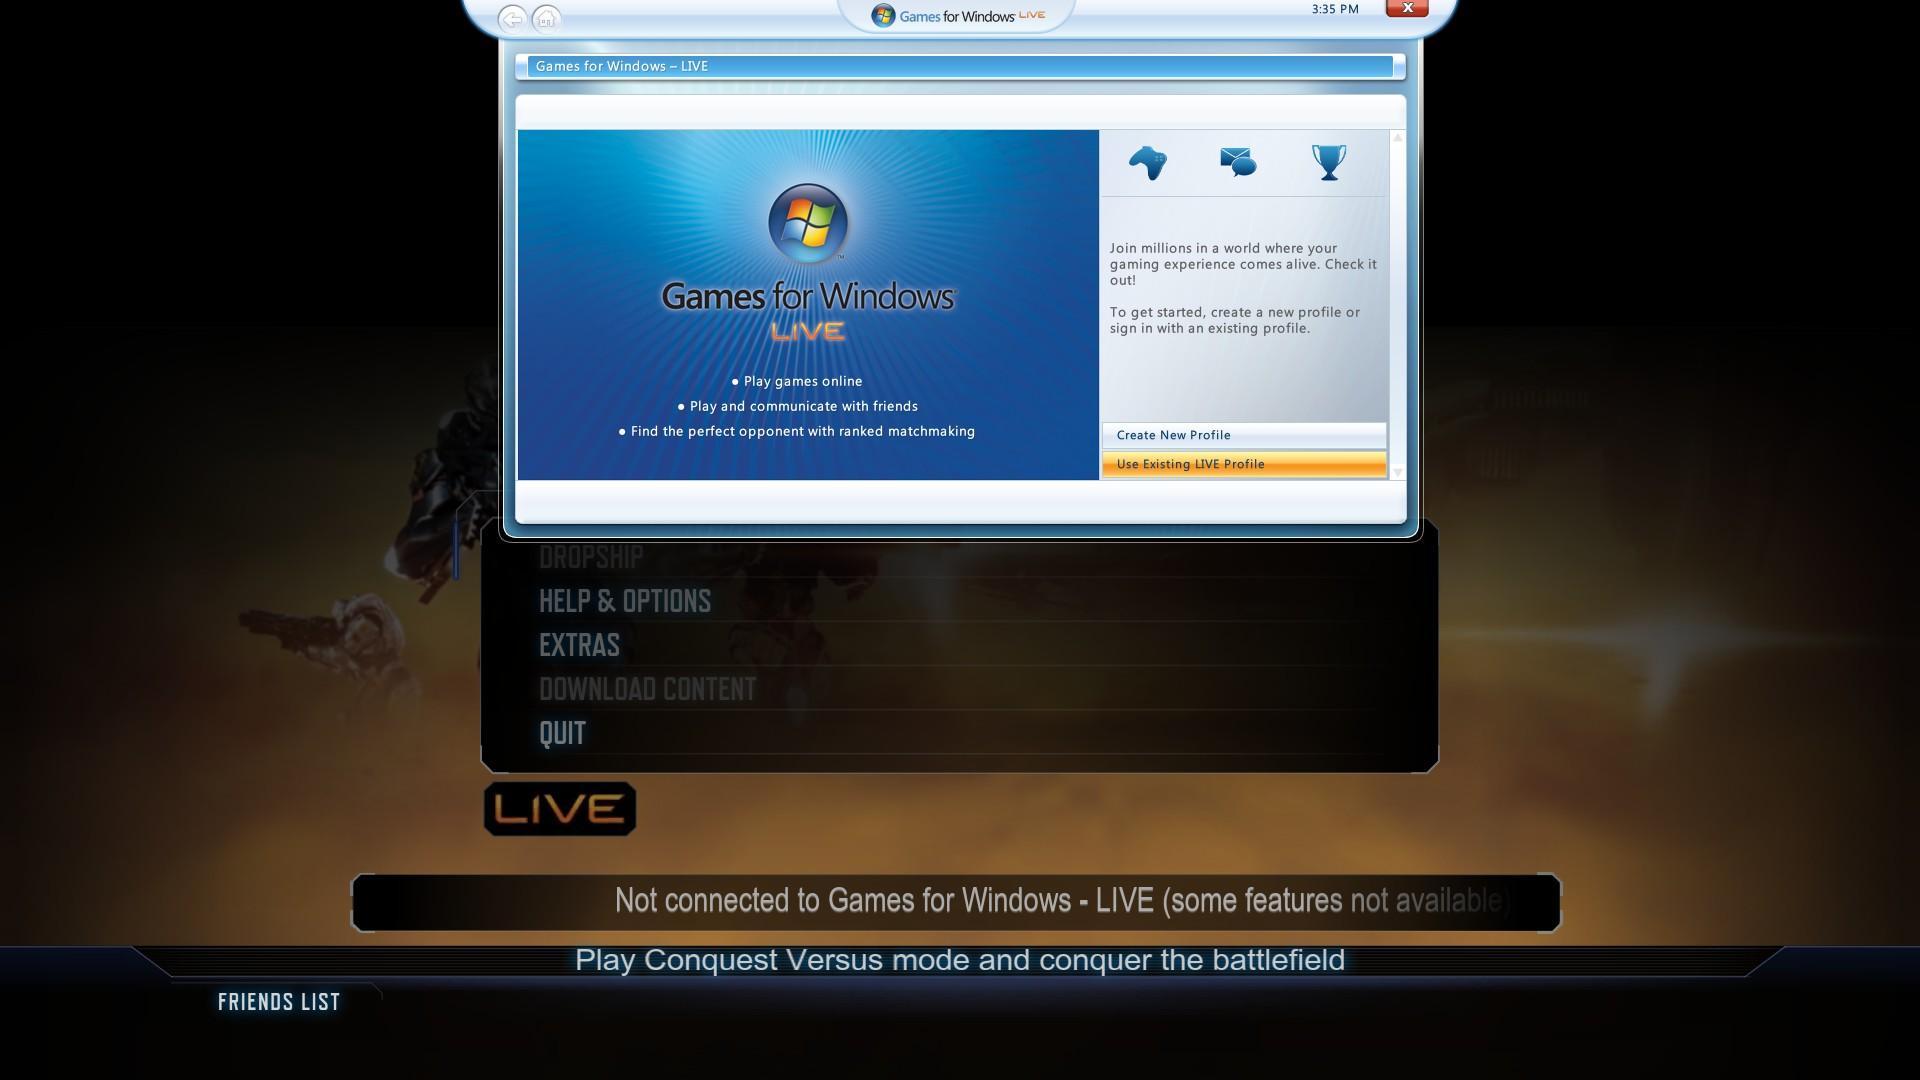 Windows live скачать gta 4 форум по играм, закачать на хорошей.